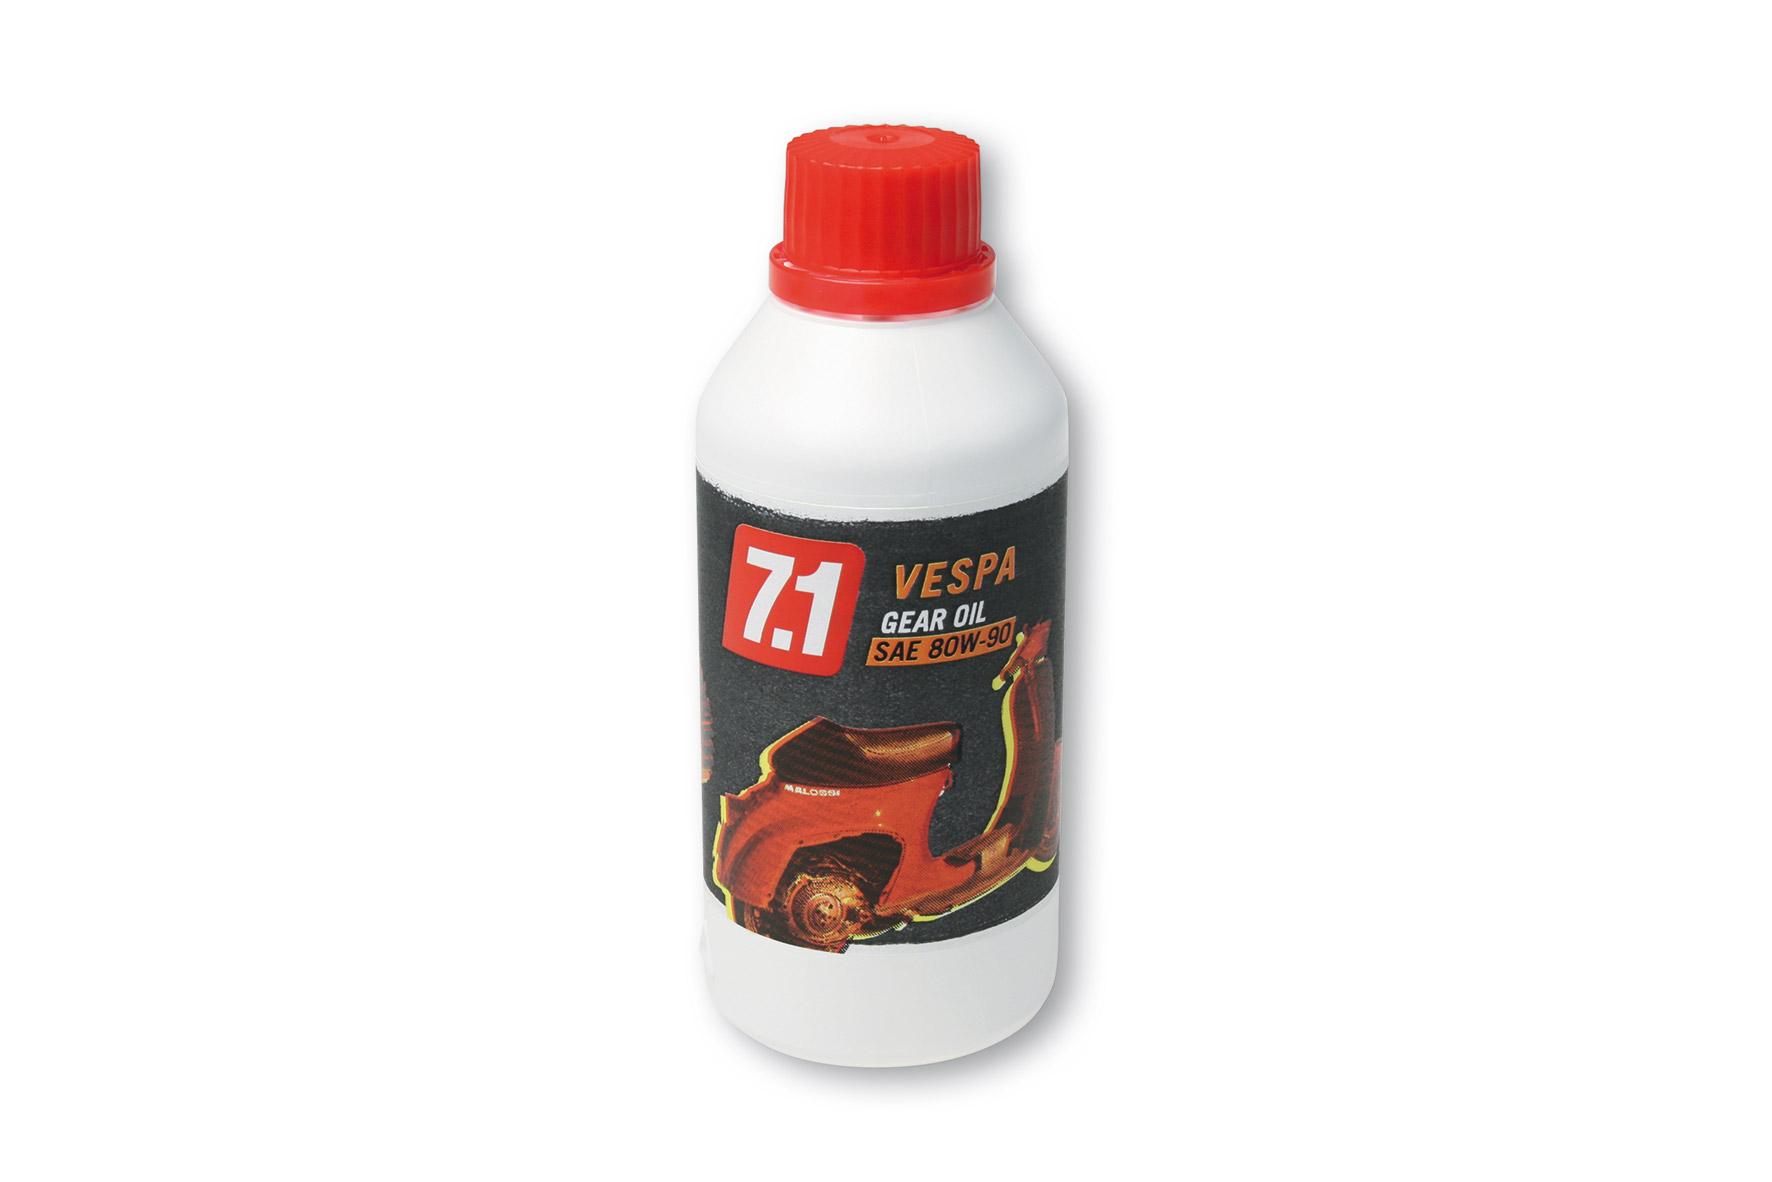 BOTTLE 7.1 VESPA Gear Oil (SAE 80W-90) 0.25L